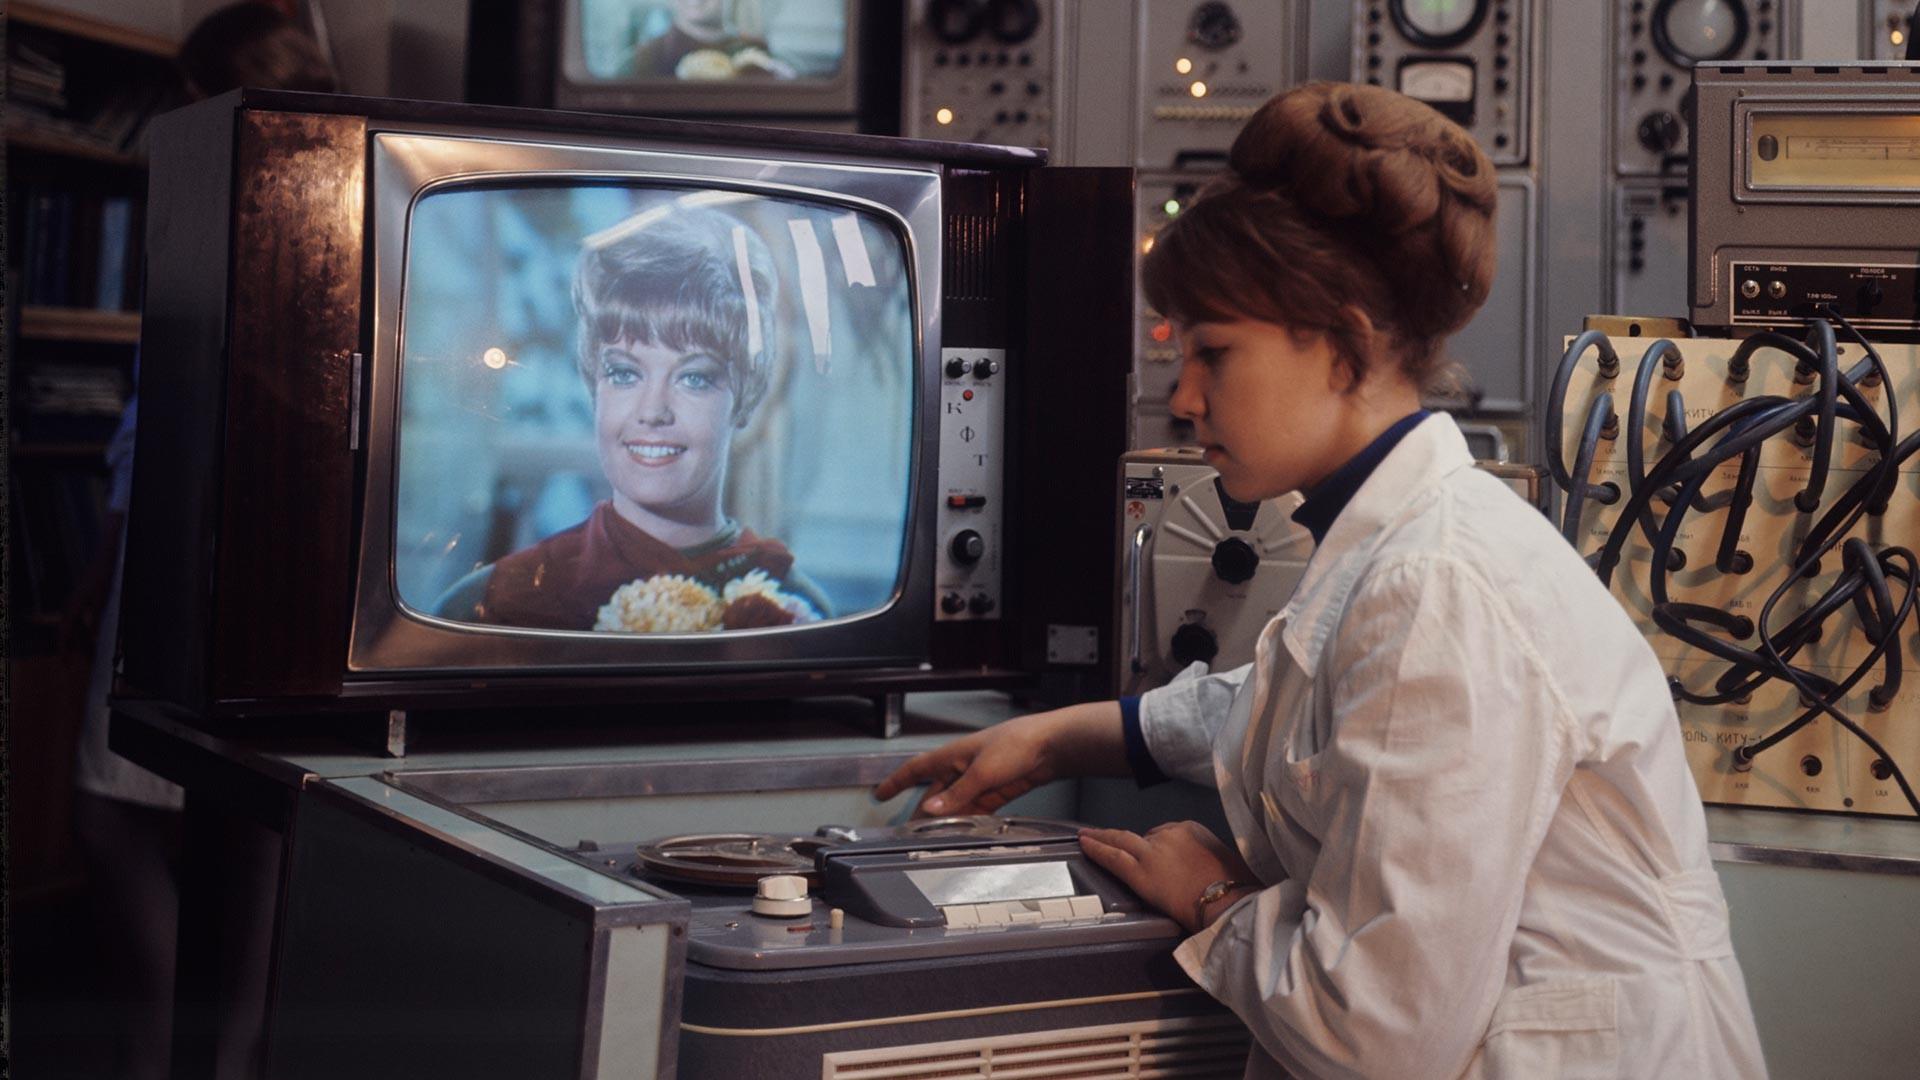 """Александровска фабрика радио-телевизијских уређаја (производно удружење """"Рекорд""""). Контролор проверава квалитет готових производа."""